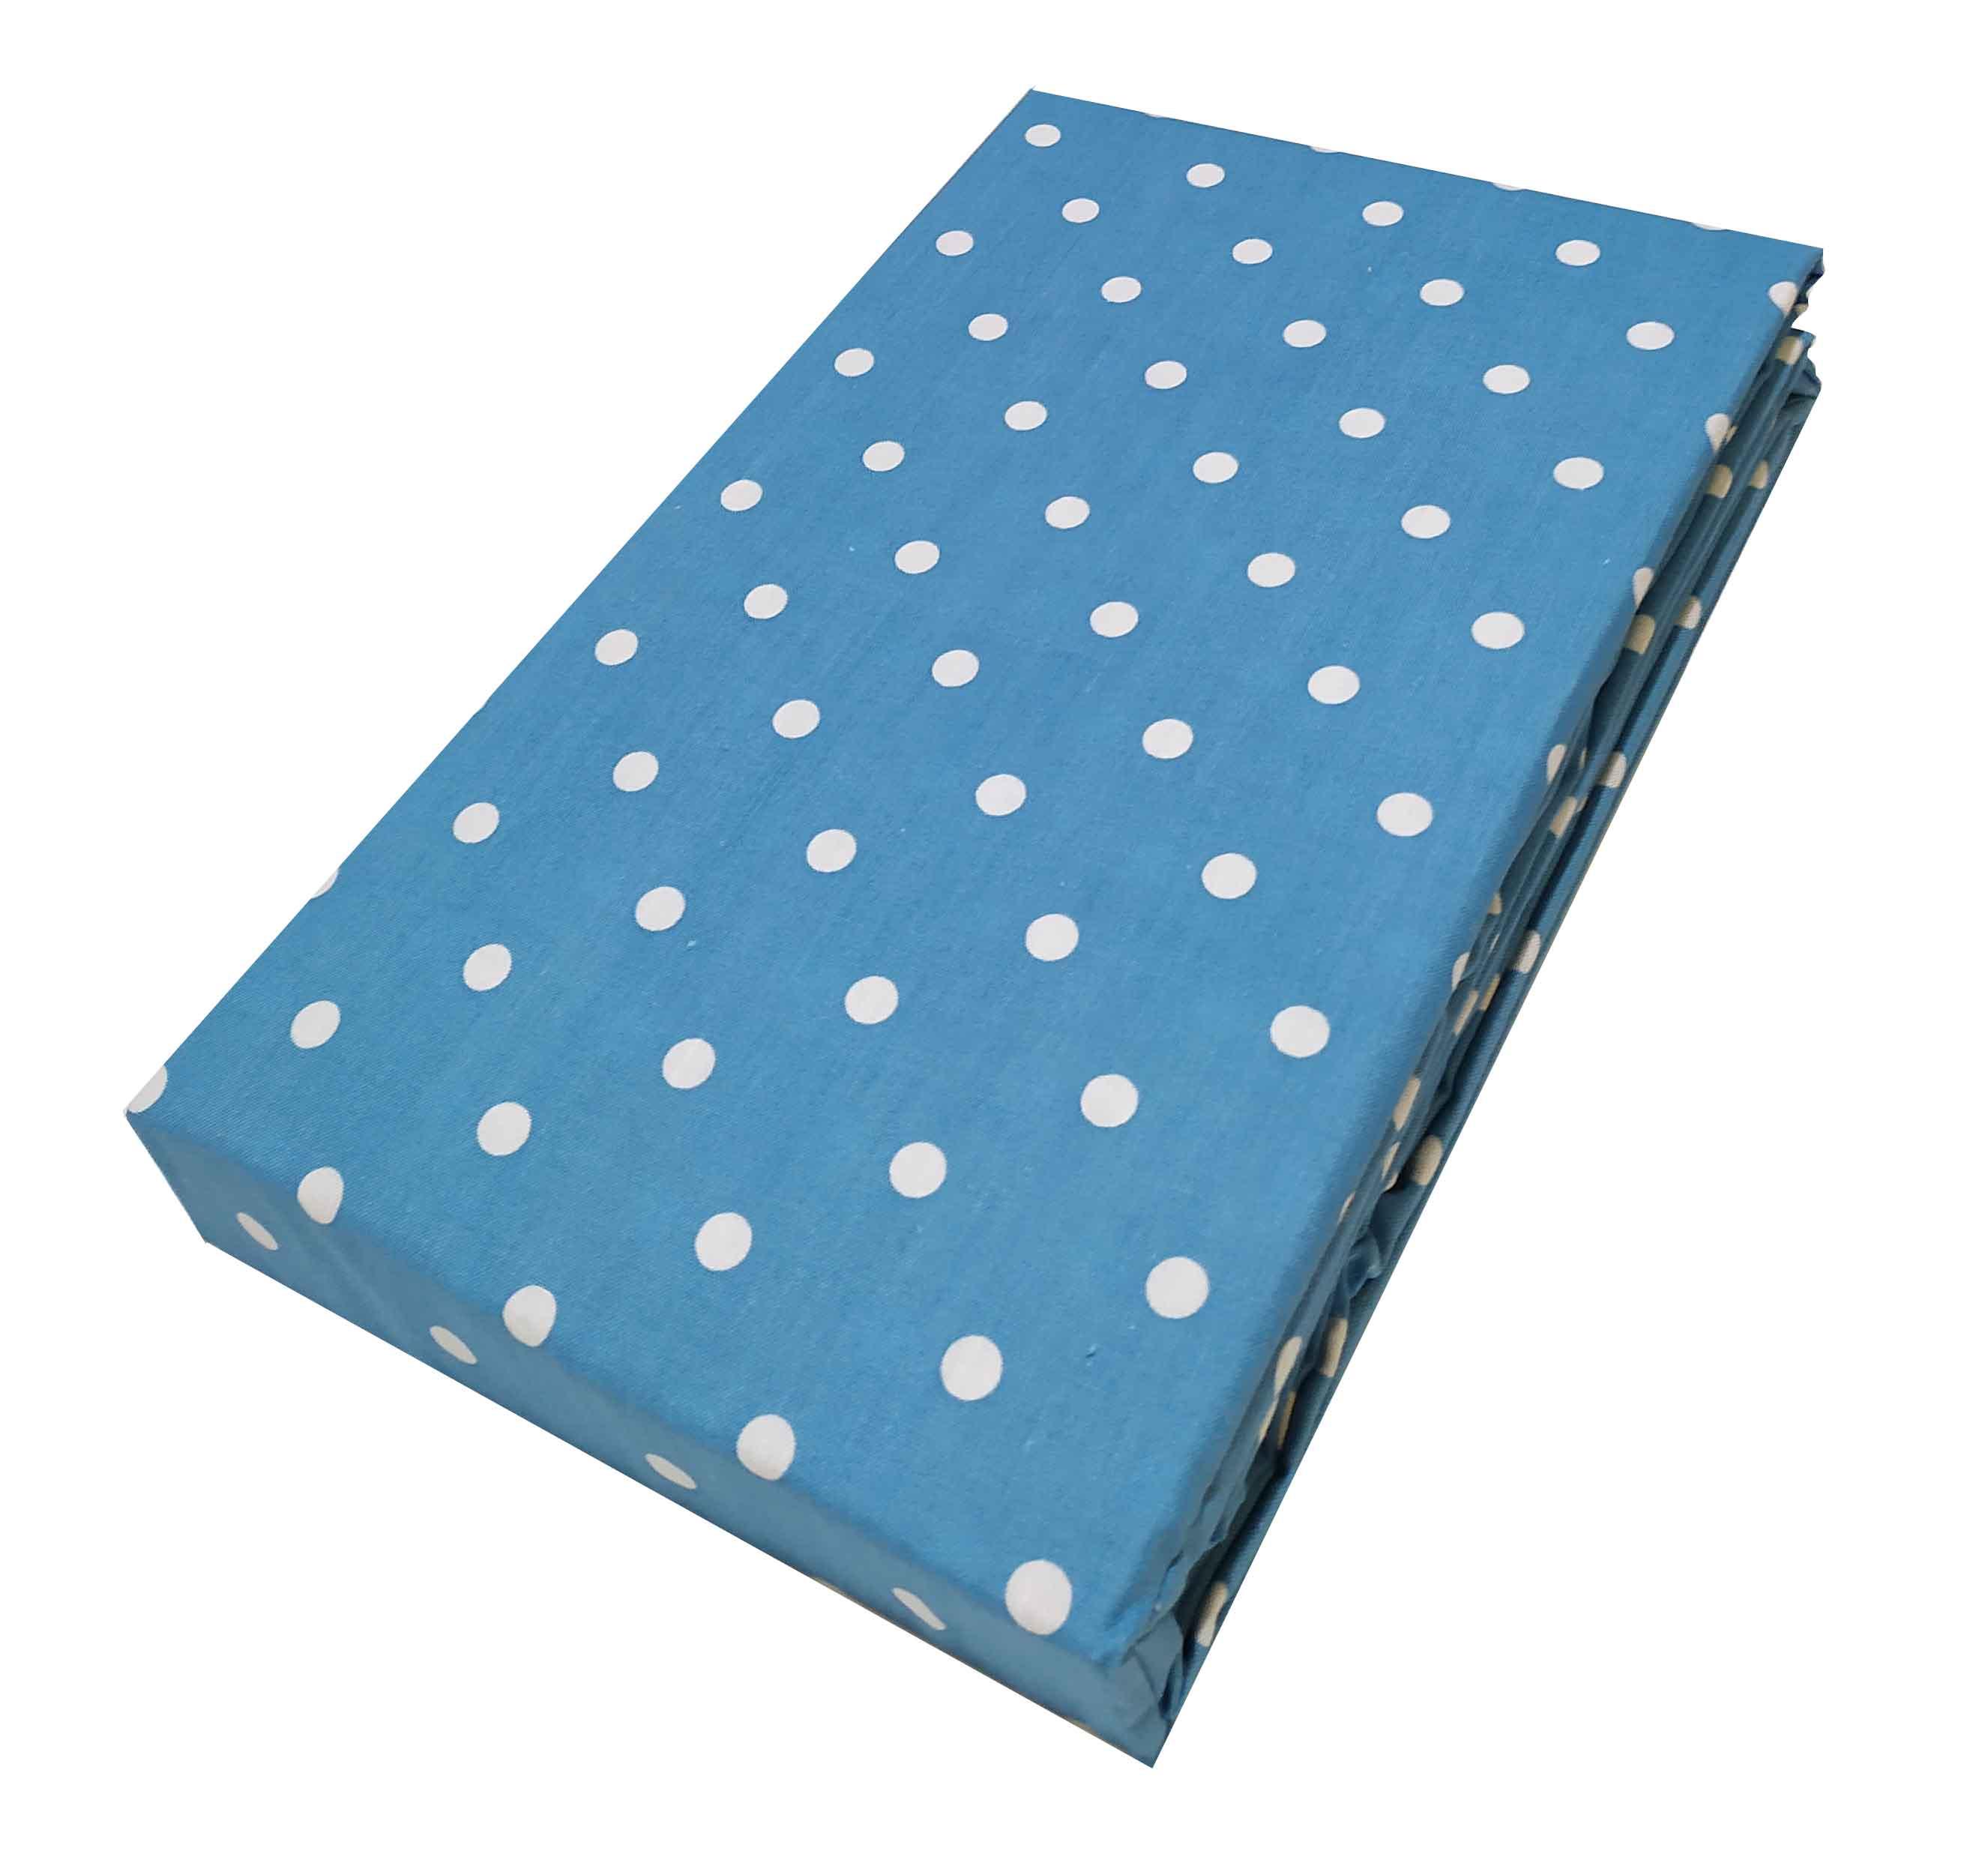 Σεντόνι ΚΟΜΒΟΣ Cotton Line printed Dots Light Blue Υπέρδιπλο με Λάστιχο 170x200+20 - 7002201-14F